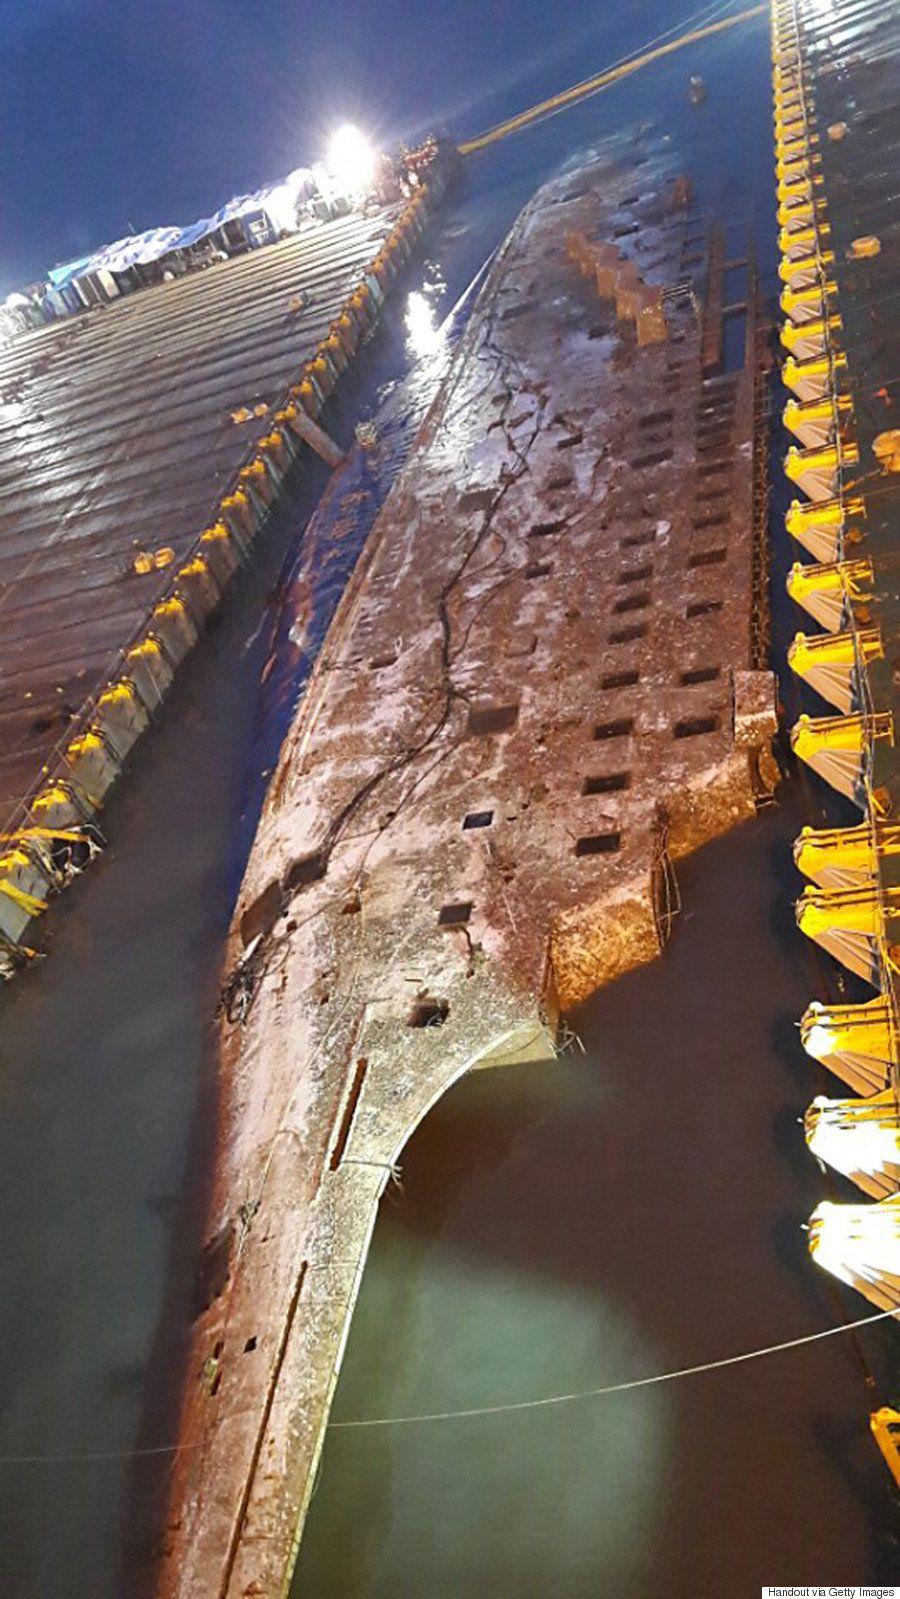 セウォル号、沈没事故から3年ぶりに船体が水面に姿を現す